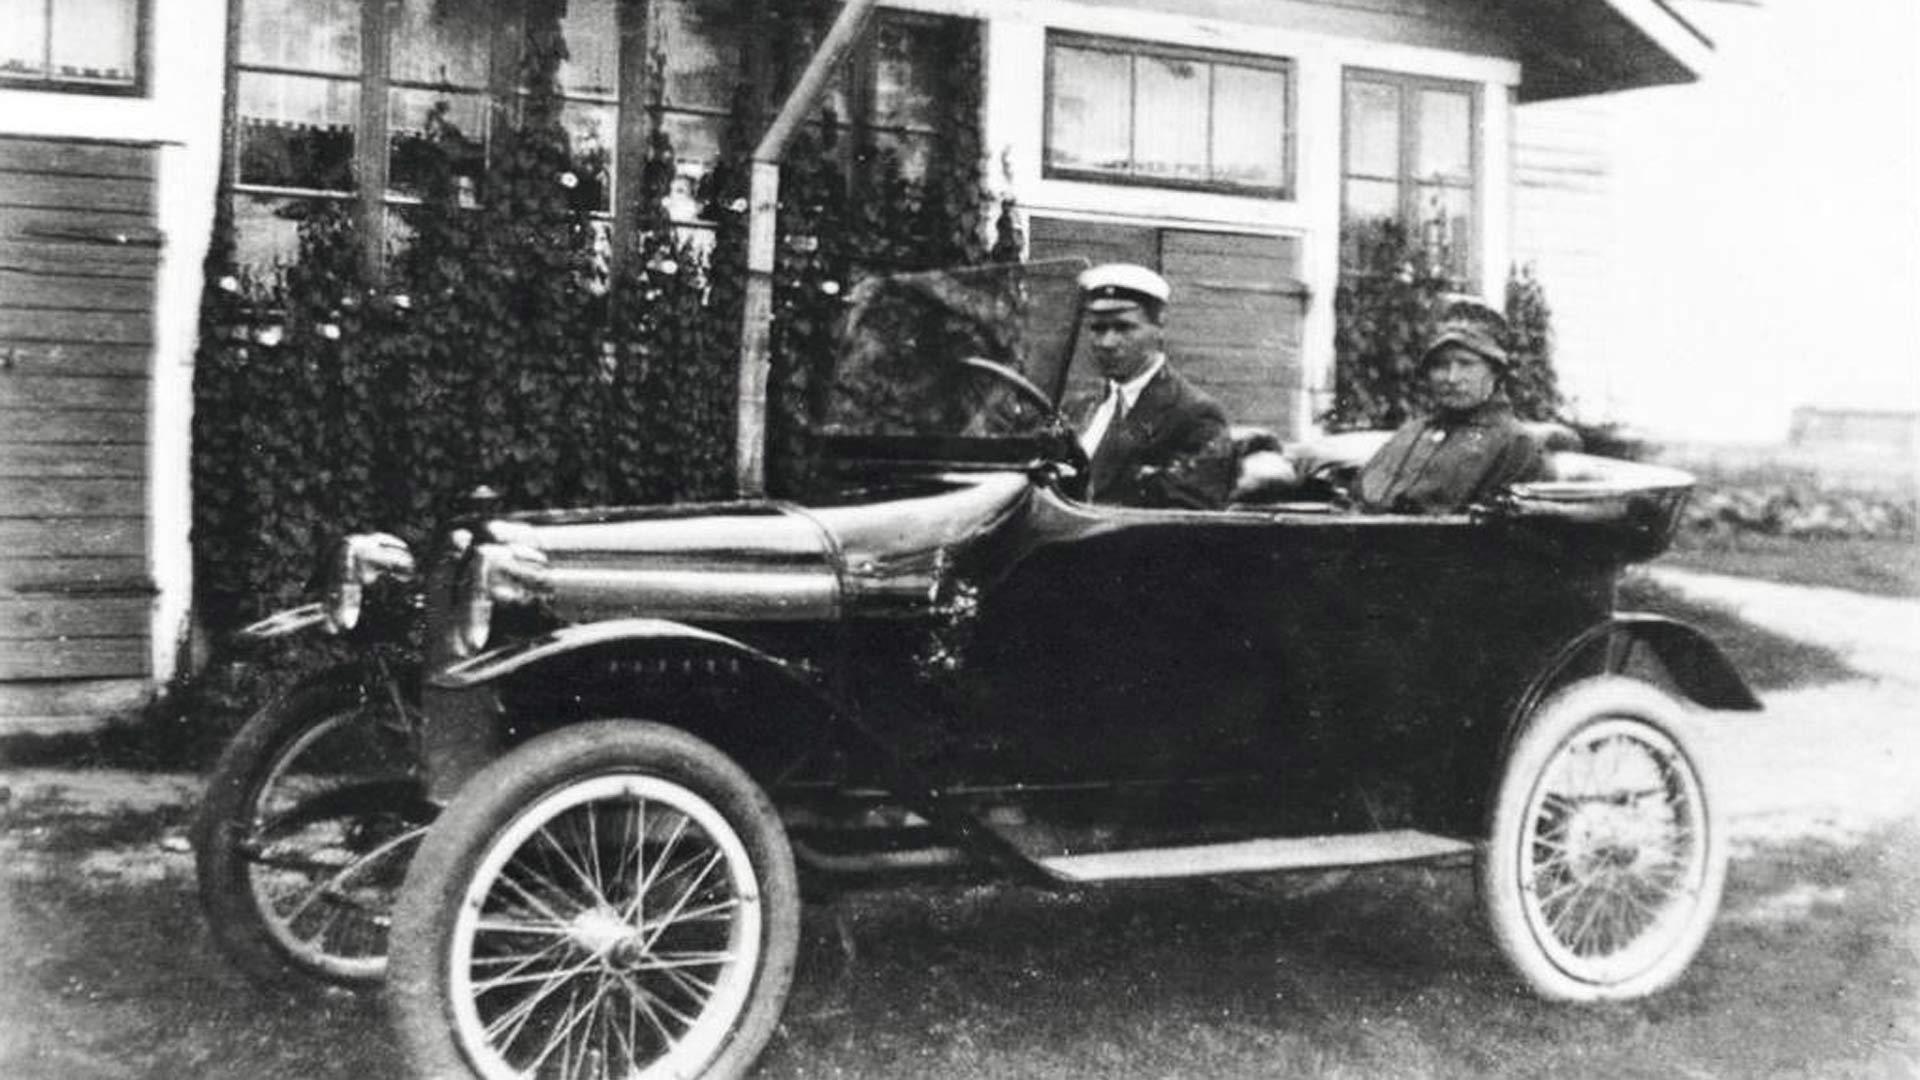 Agnes Sjöberg hankki saksalaisen Wandererin vuonna 1920, jolloin auto oli vielä harvinaisuus Suomessa. Sjöberg luopui autosta muutaman vuoden kuluttua, koska sitä pystyi käyttämään vain kesäisin.